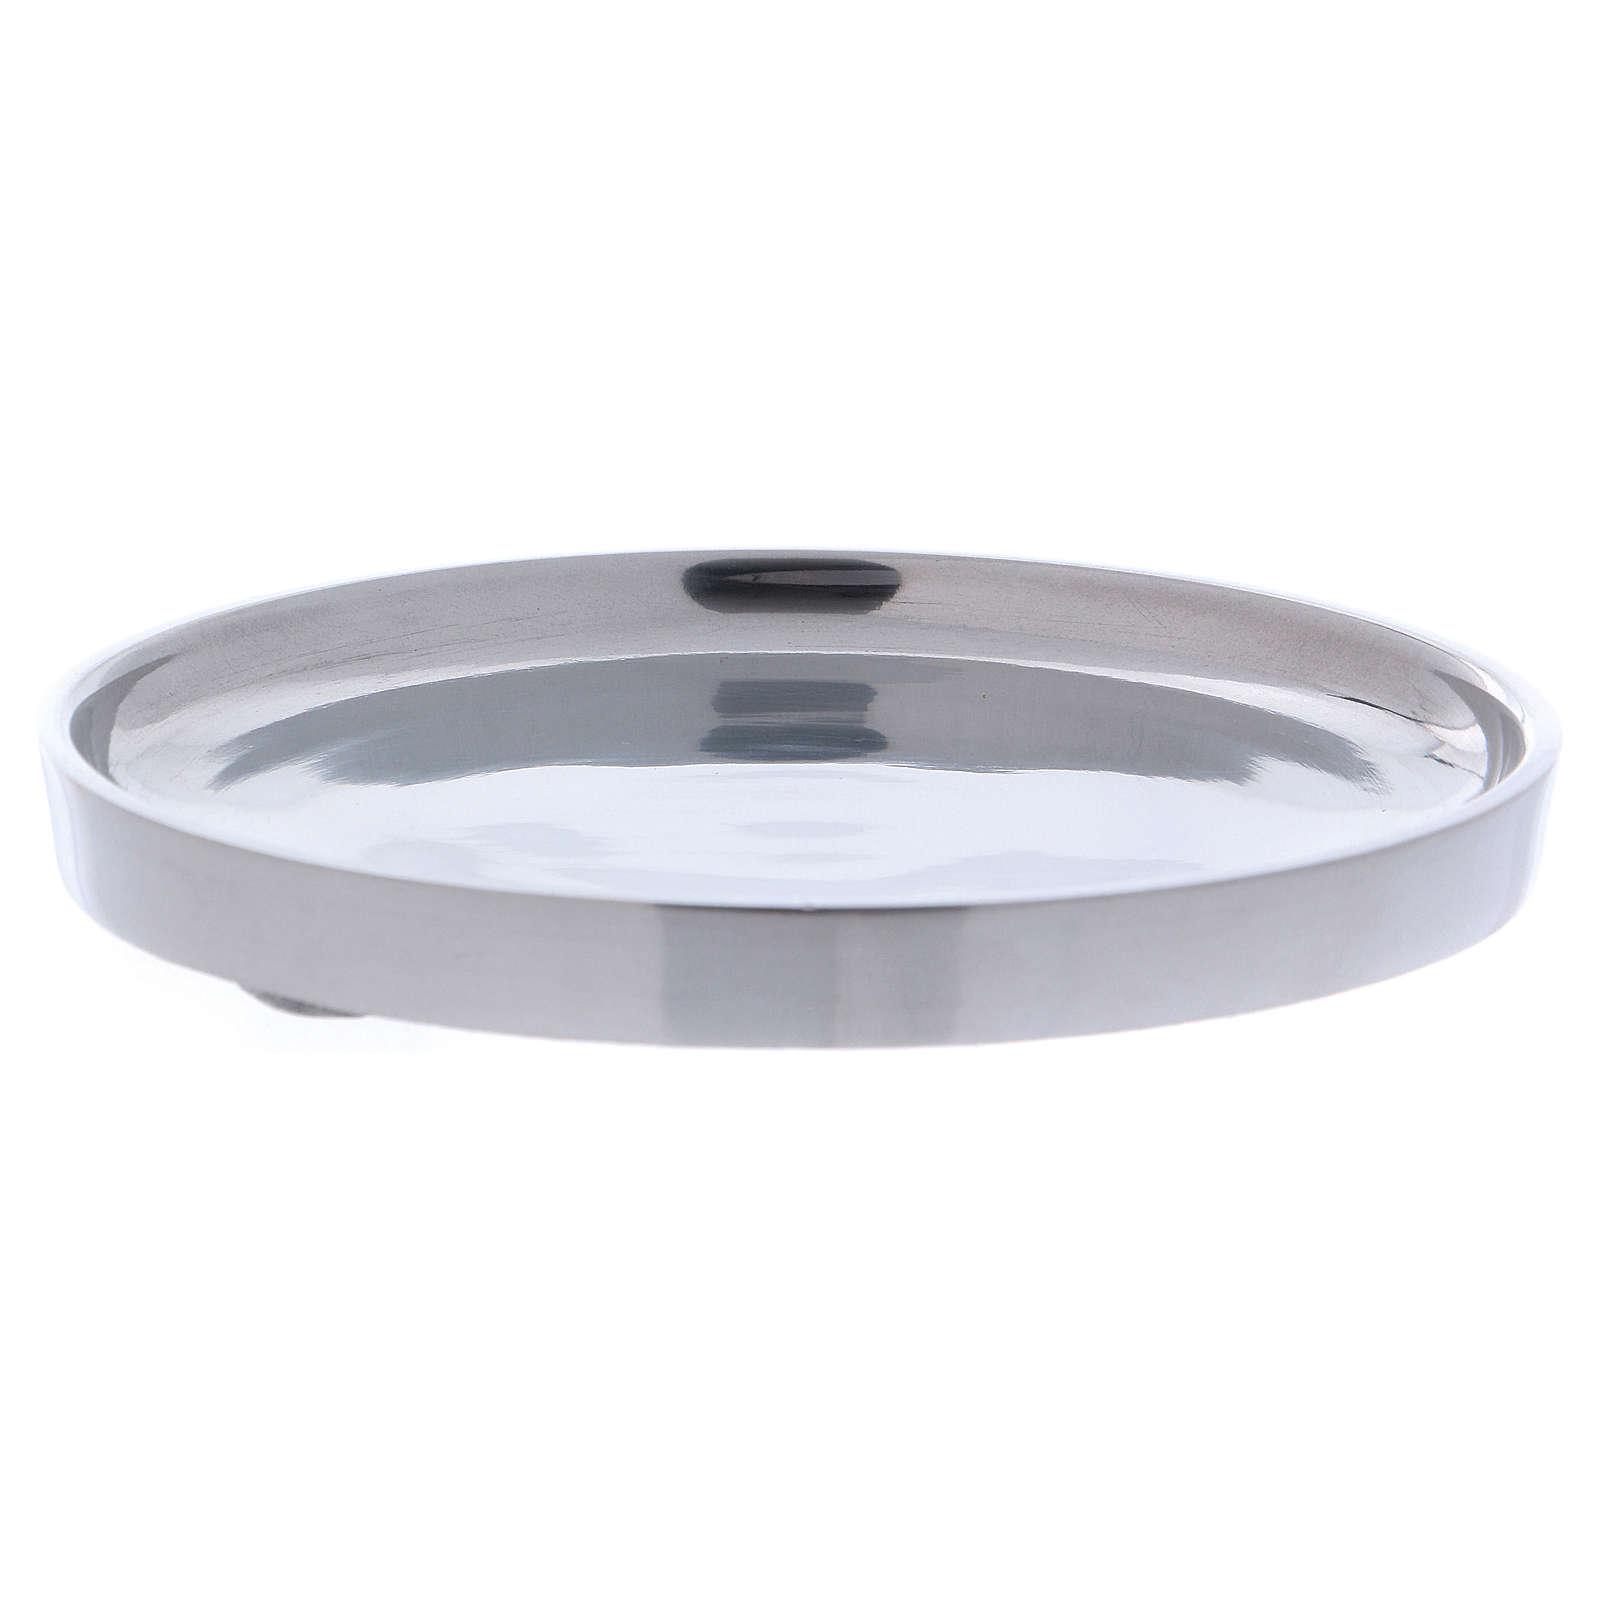 Piatto portacandele bordo rialzato alluminio argentato 12 cm 3